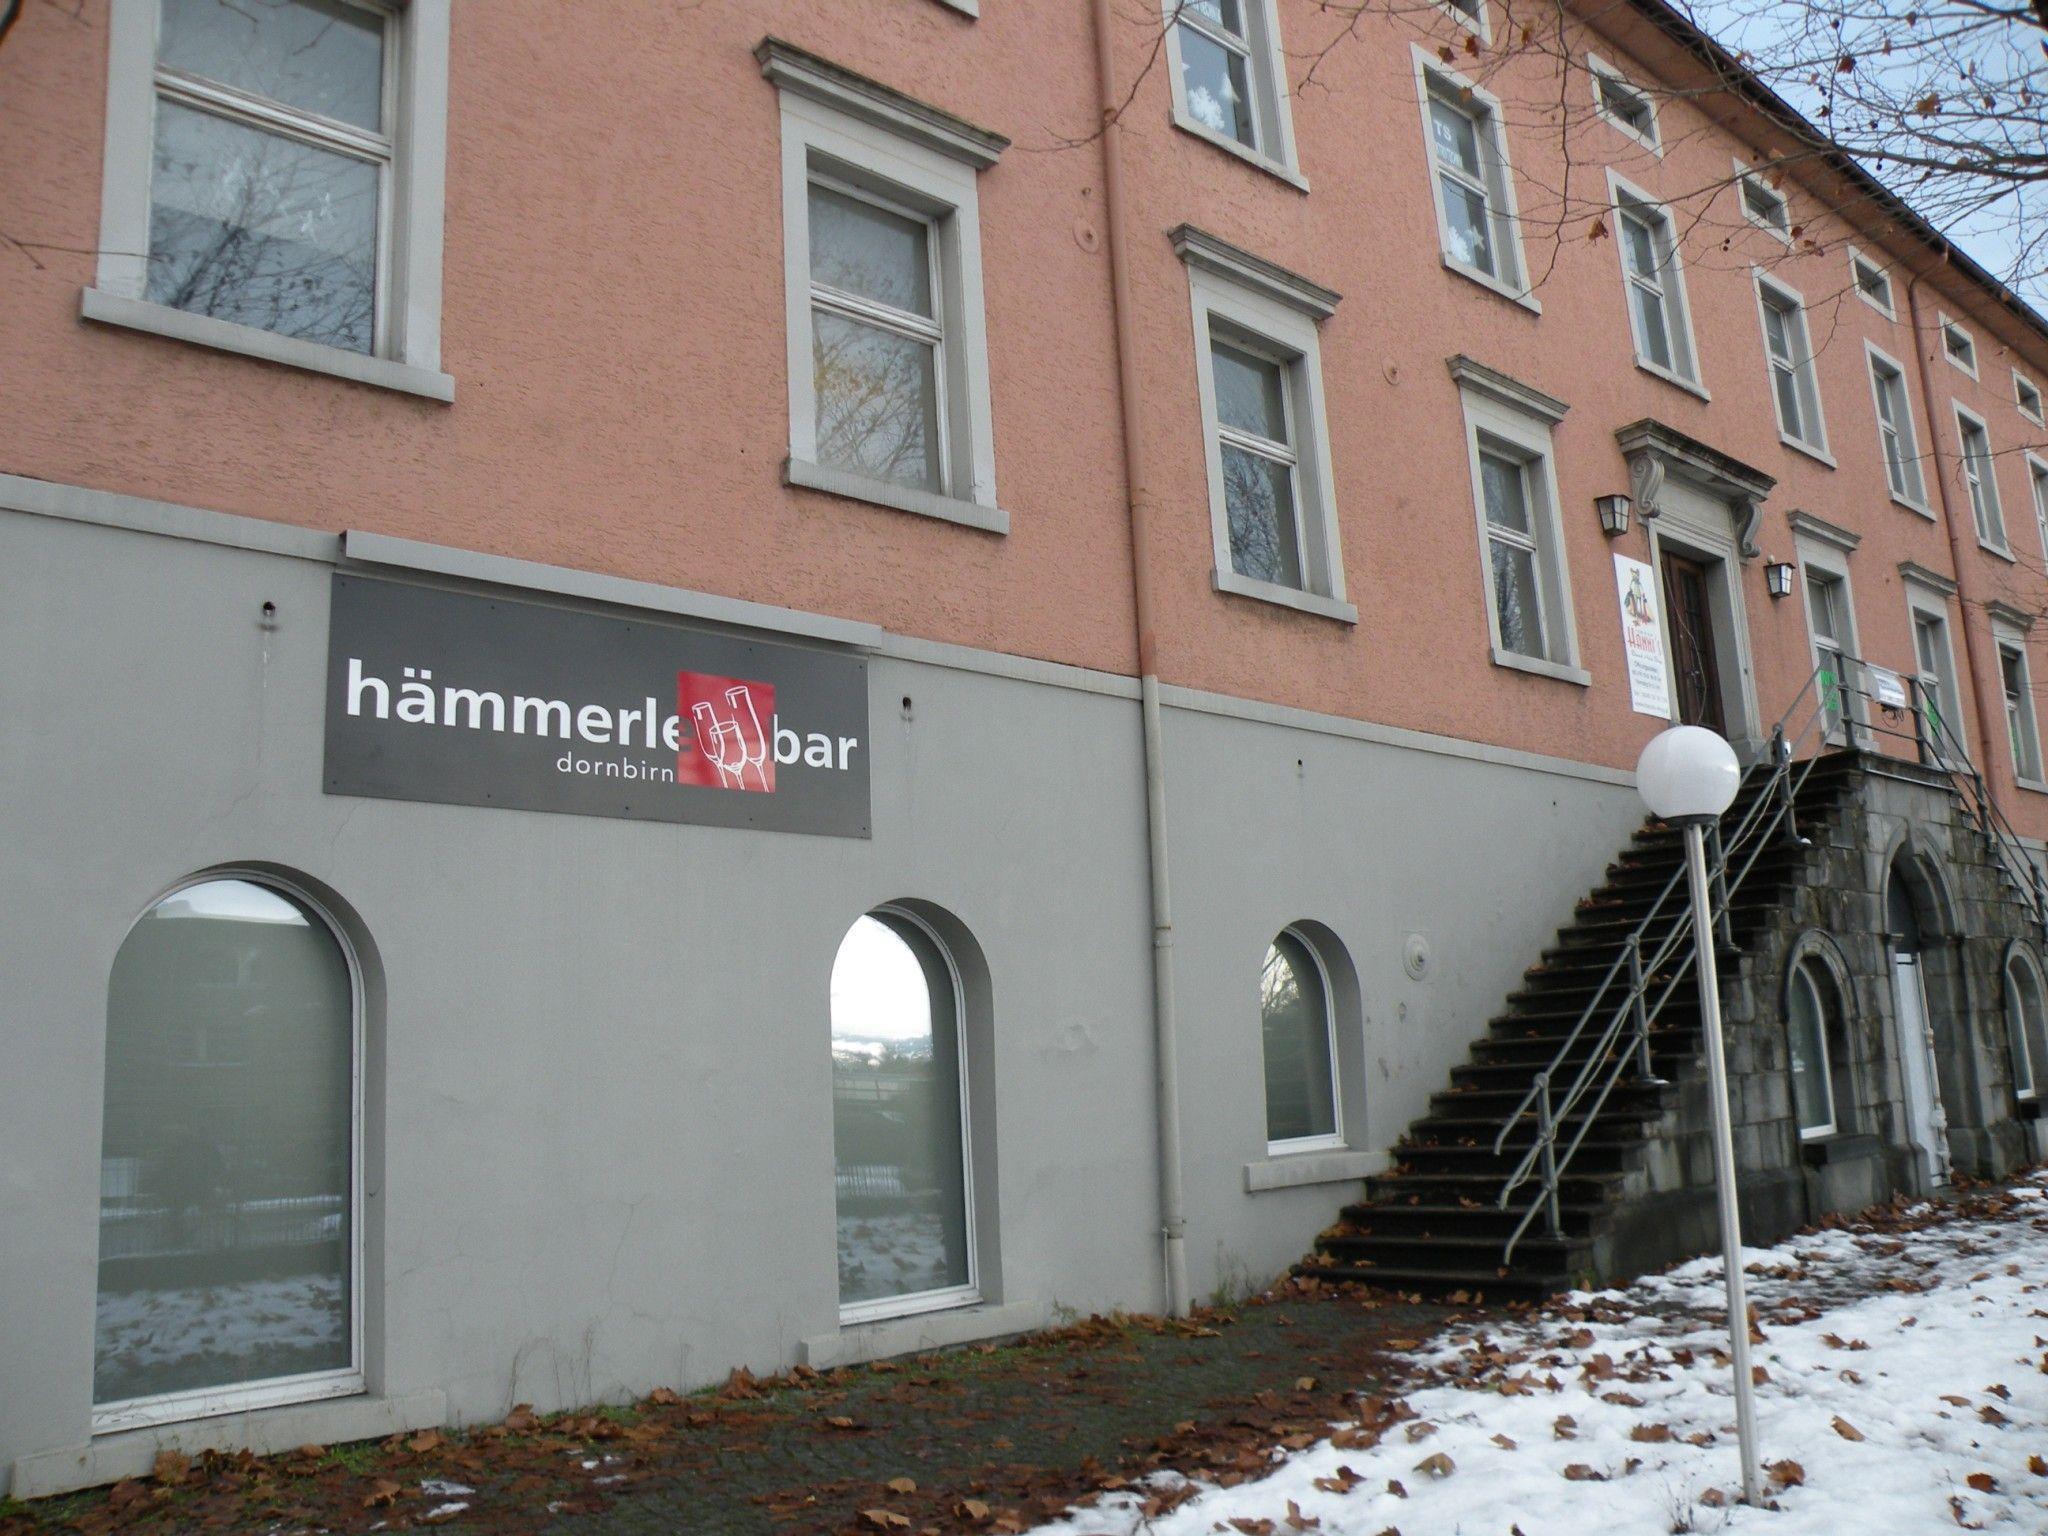 Die neue Hämmerle-Bar öffnet am 13. Dezember die Türen.